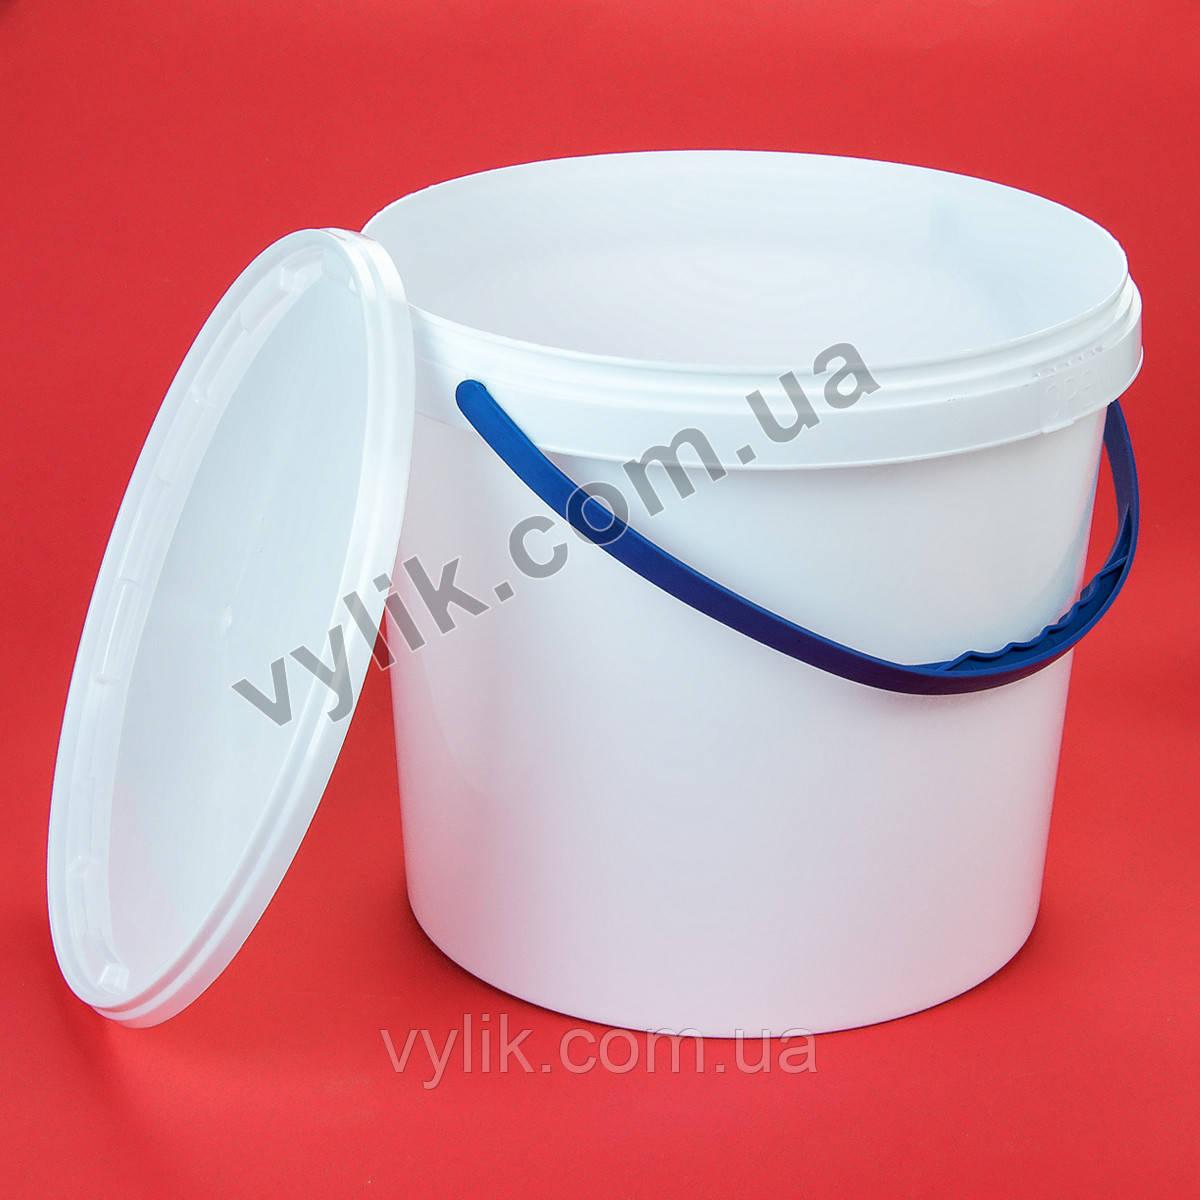 Ведро для меда с крышкой, 10 литров